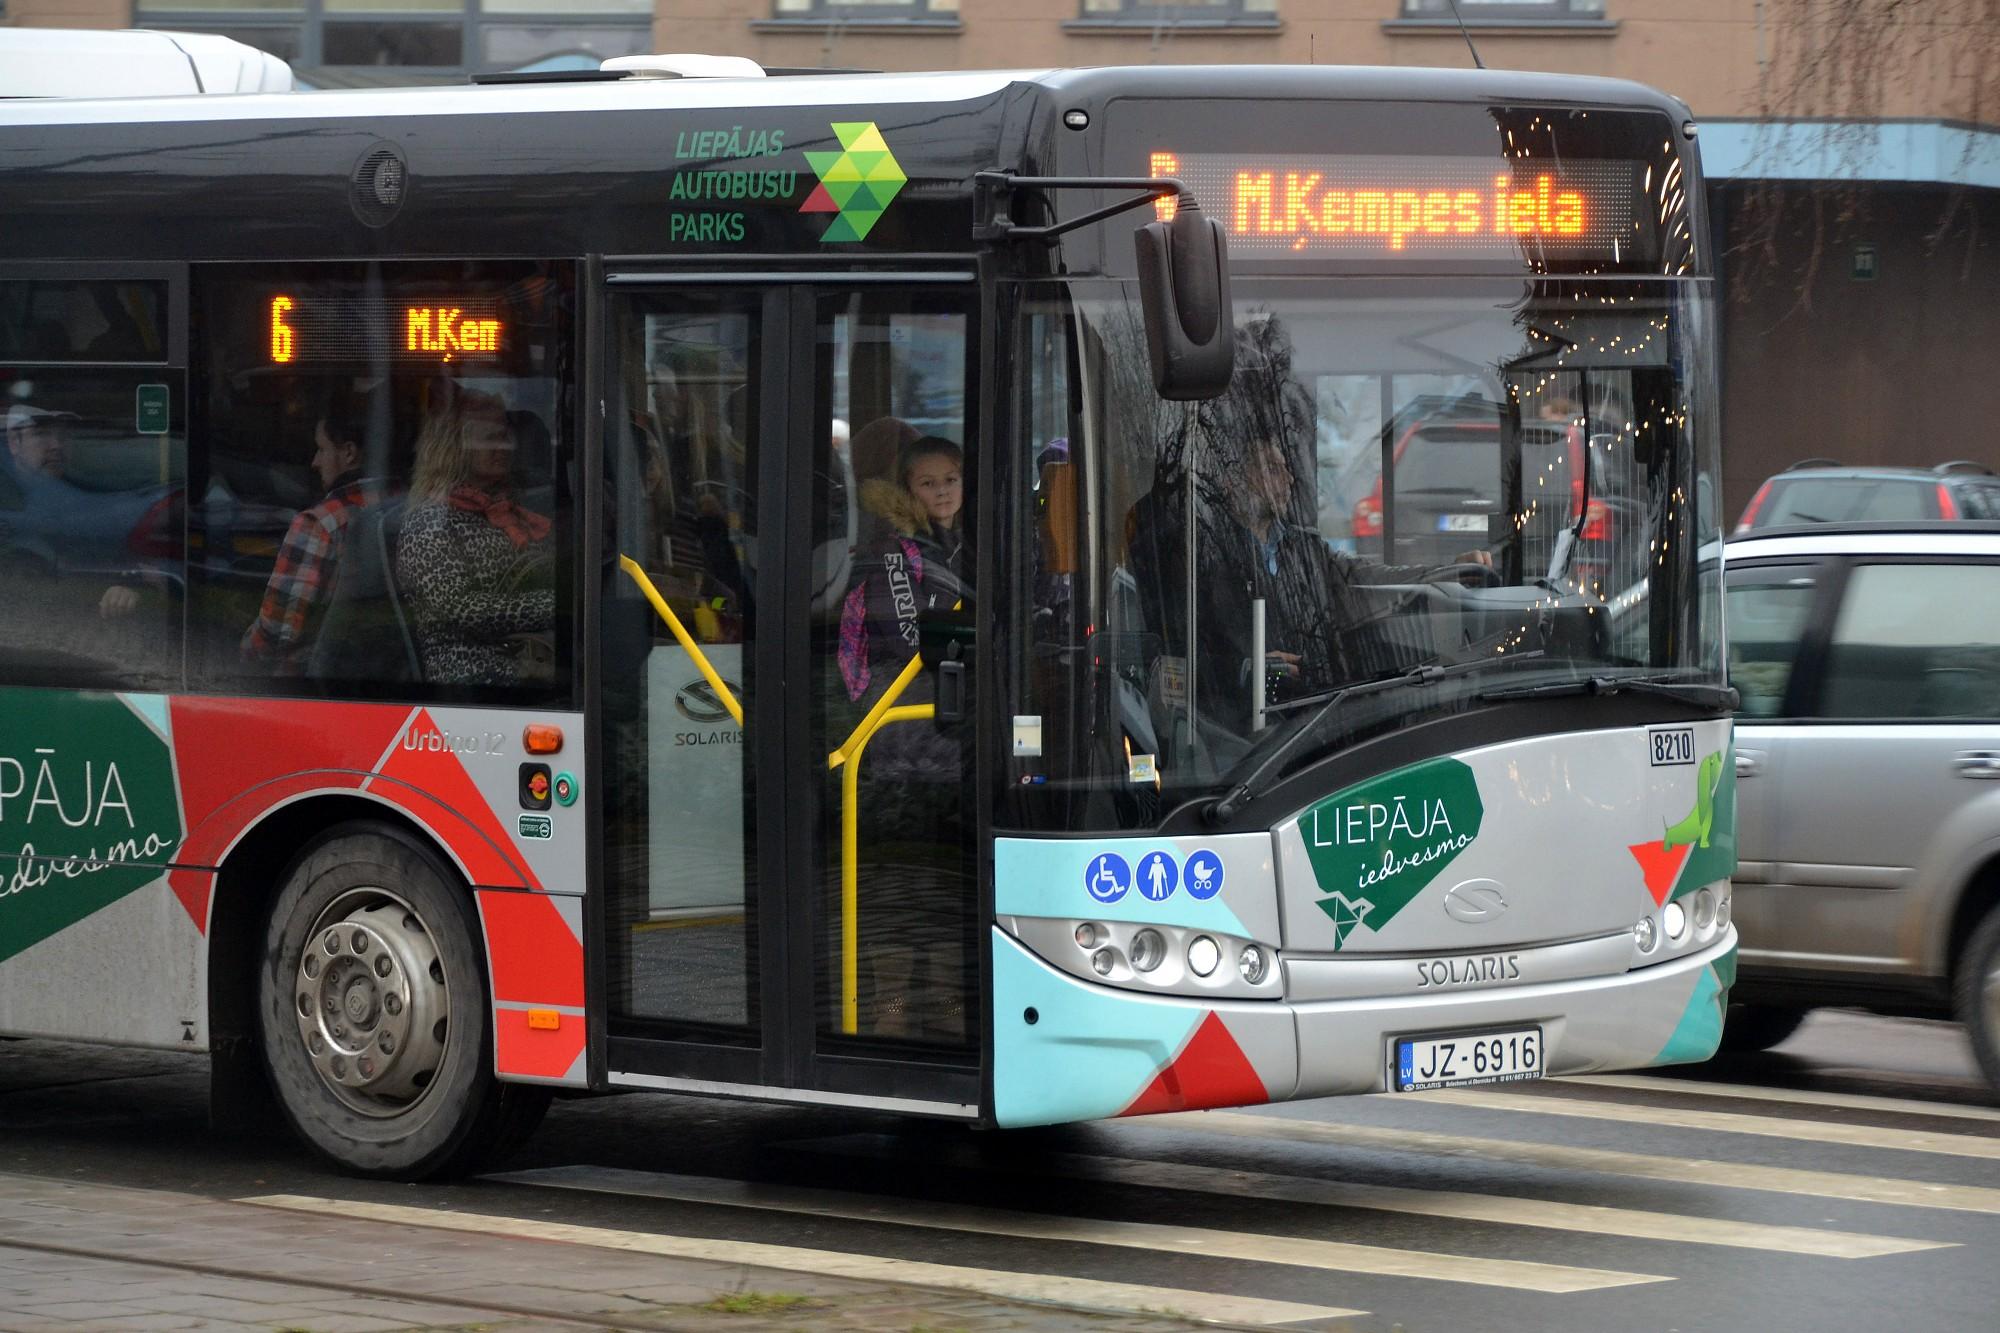 Liepājas sabiedriskajā transportā atkal gūst traumas